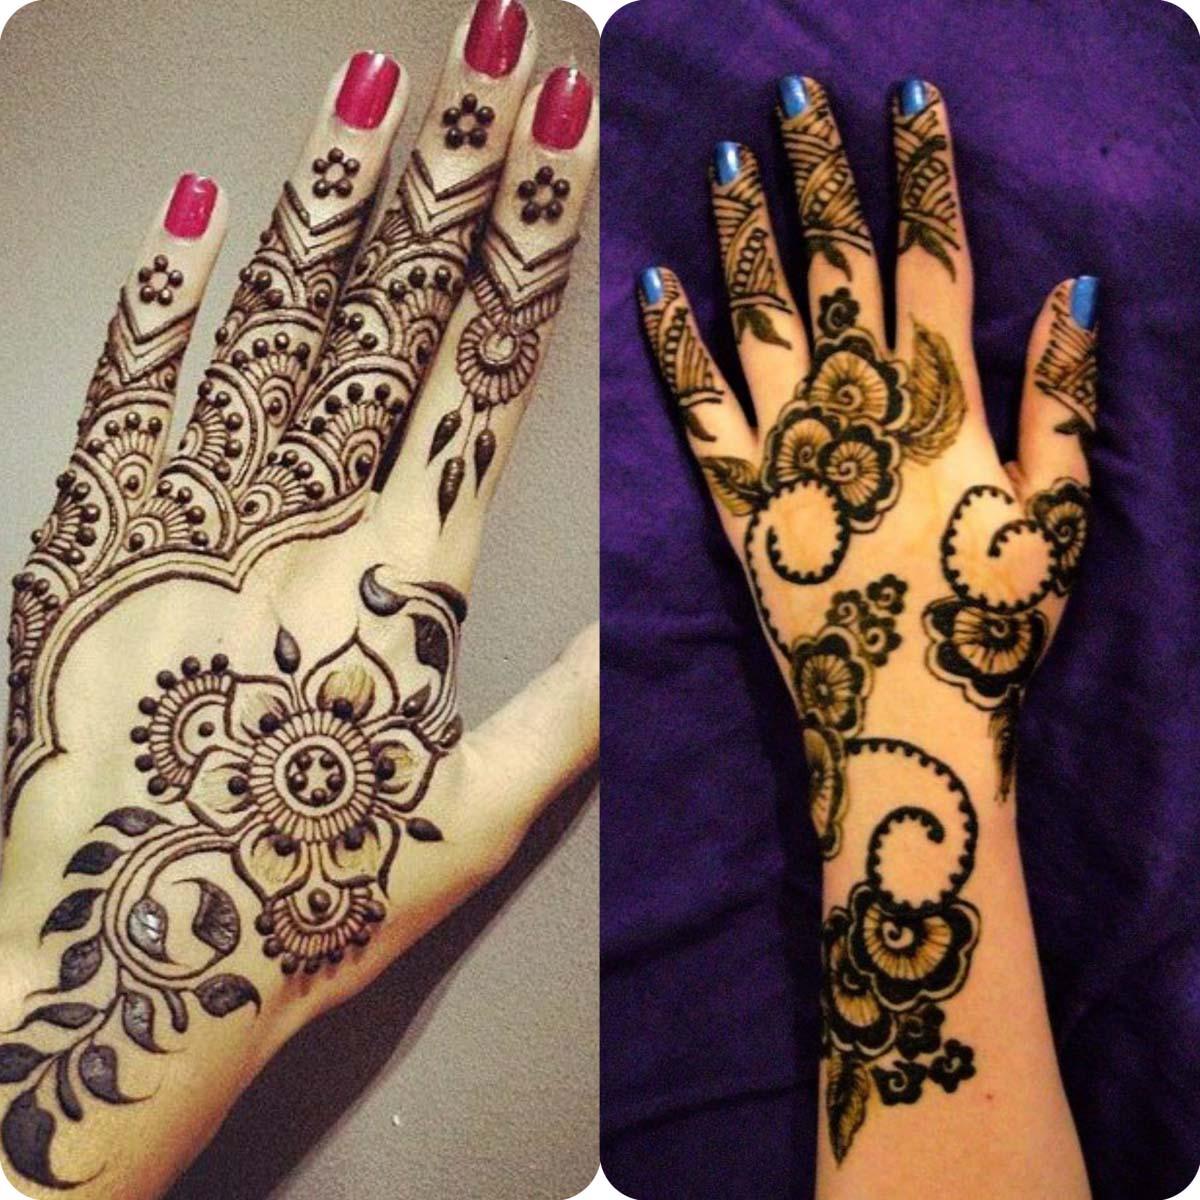 Best Henna Designs for Girls